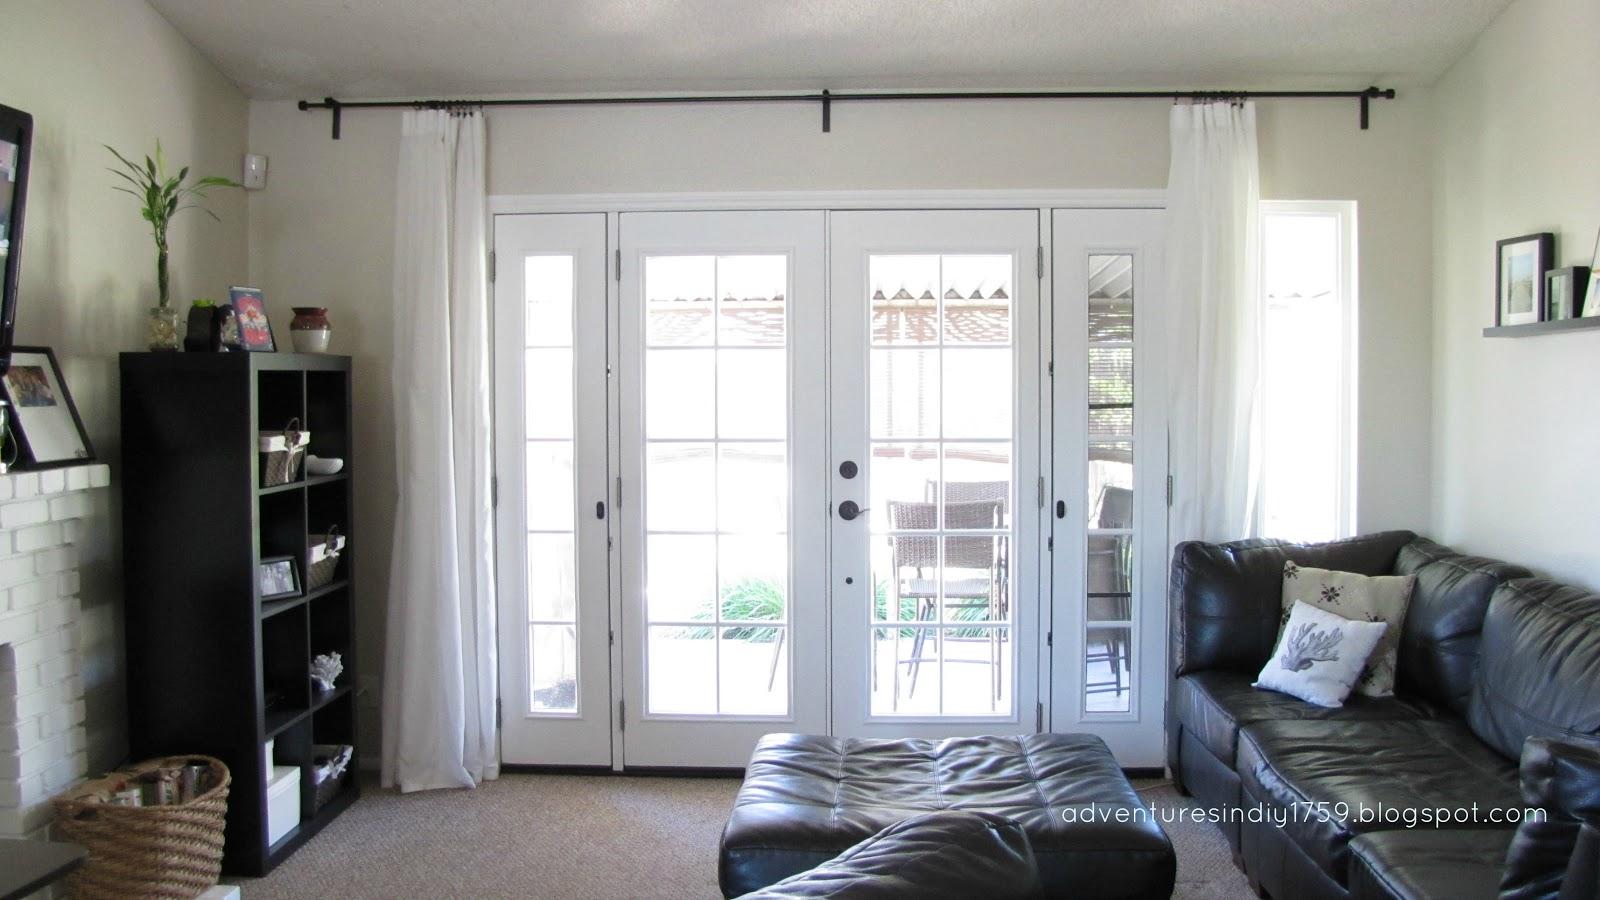 Adventures In DIY French Doors Window Treatment